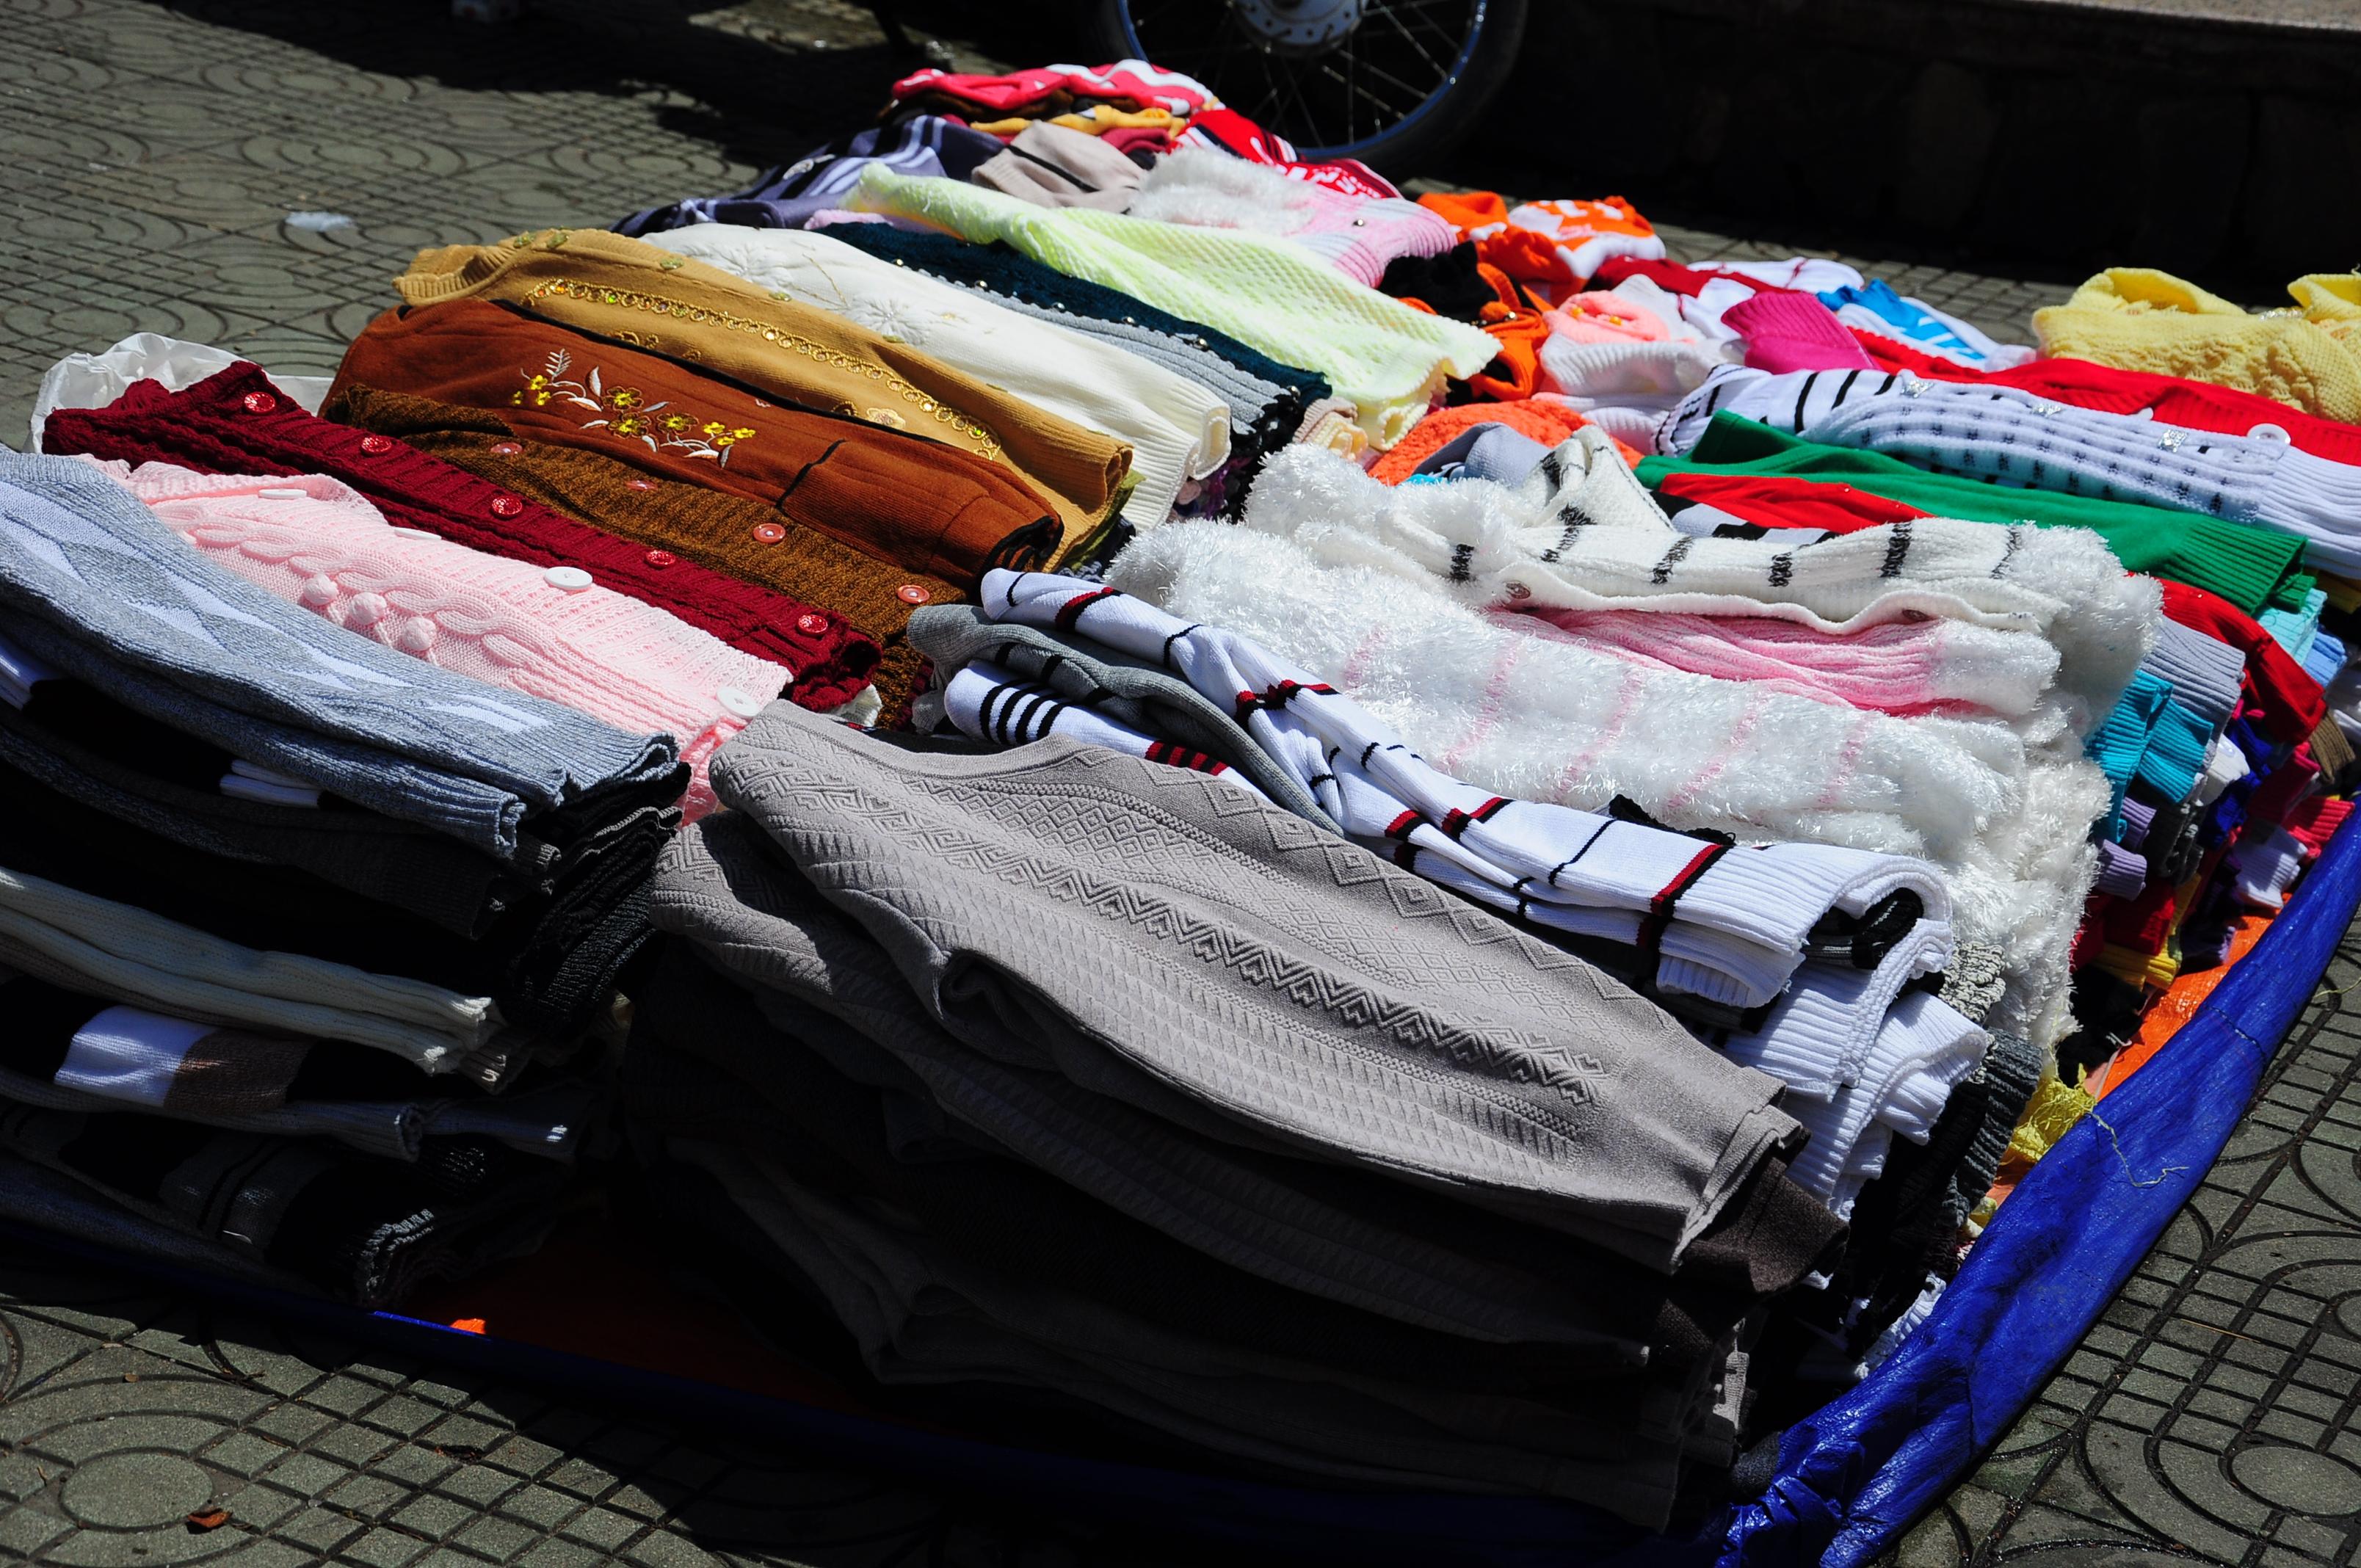 """Chủ tiệm hàng thùng 15 năm mua đồ ở chợ secondhand Đà Lạt chia sẻ kinh nghiệm giúp chị em từ vùng miền khác """"gà rù"""" mấy cũng mua được đồ ưng mang về - Ảnh 6."""